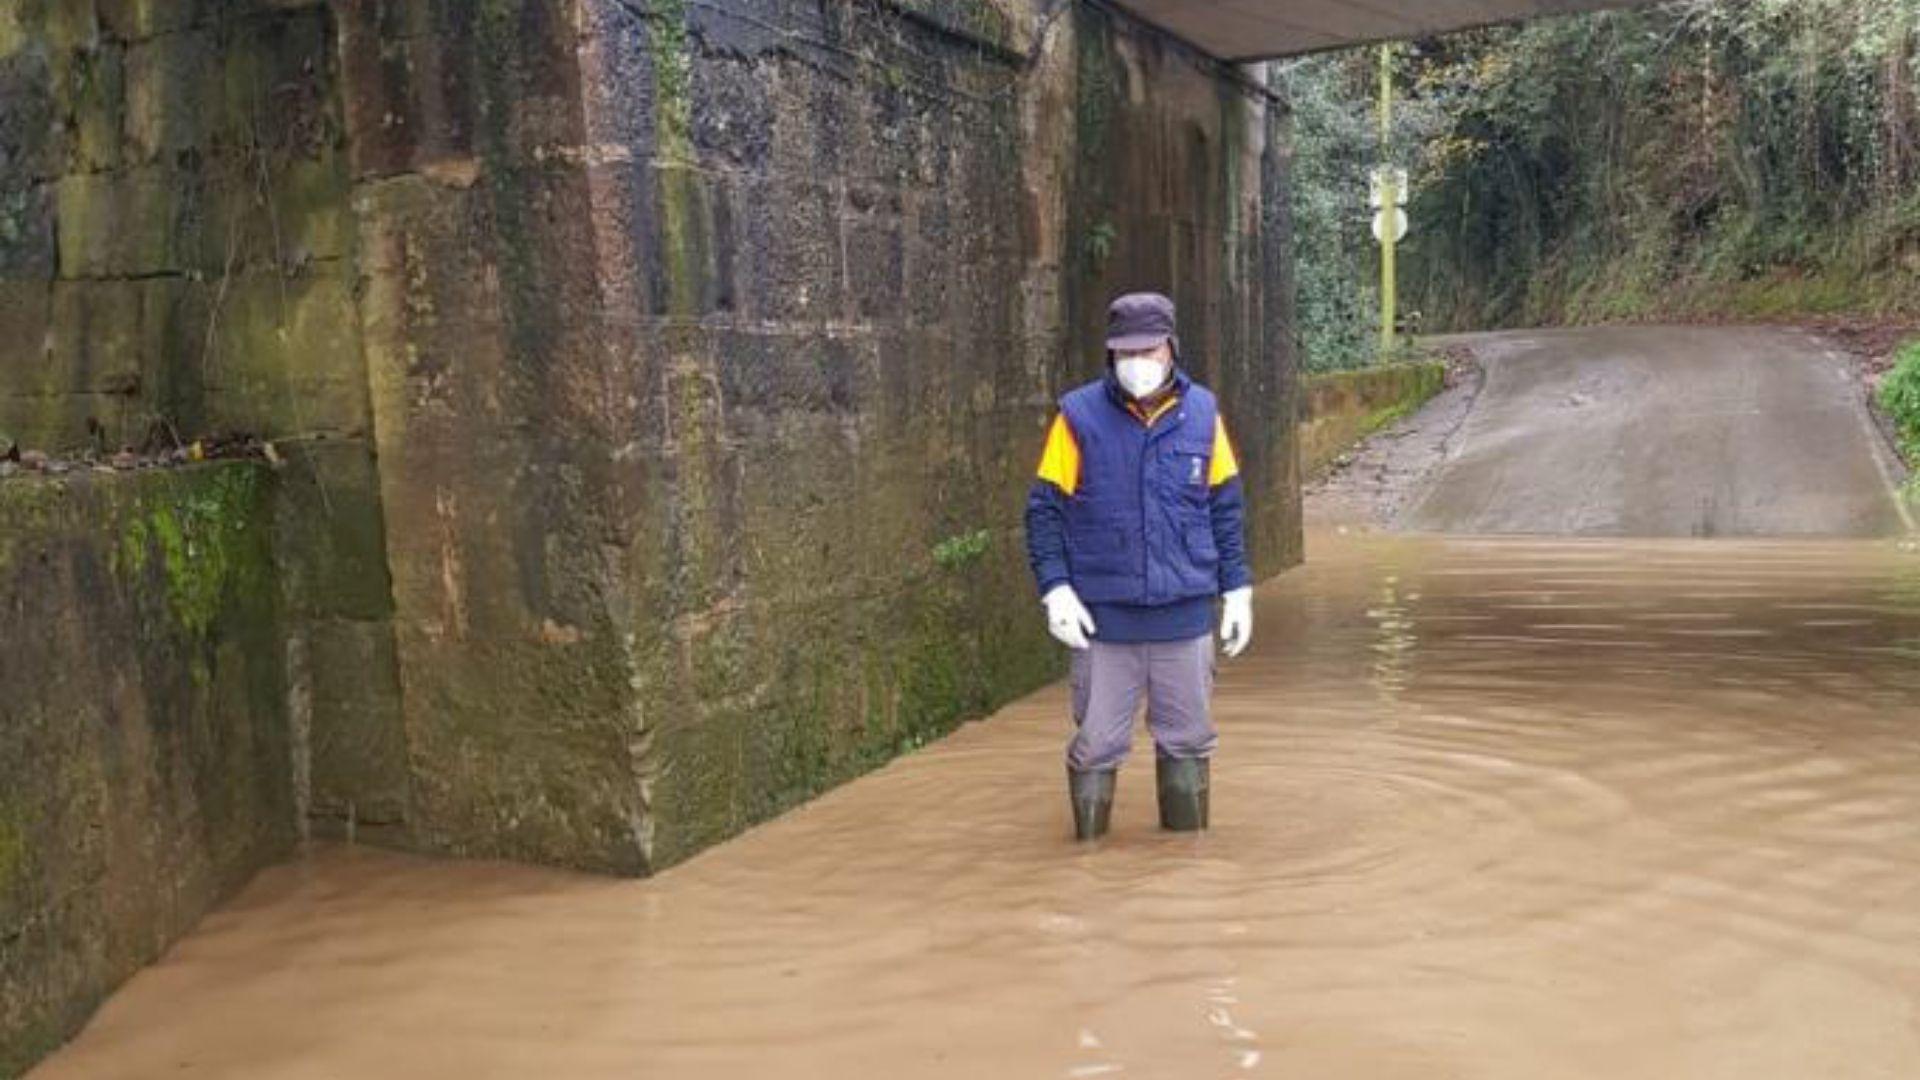 inundaciones gijon temporal frio lluvia asturias.Inundaciones en el camín de San Vicente, en Gijón